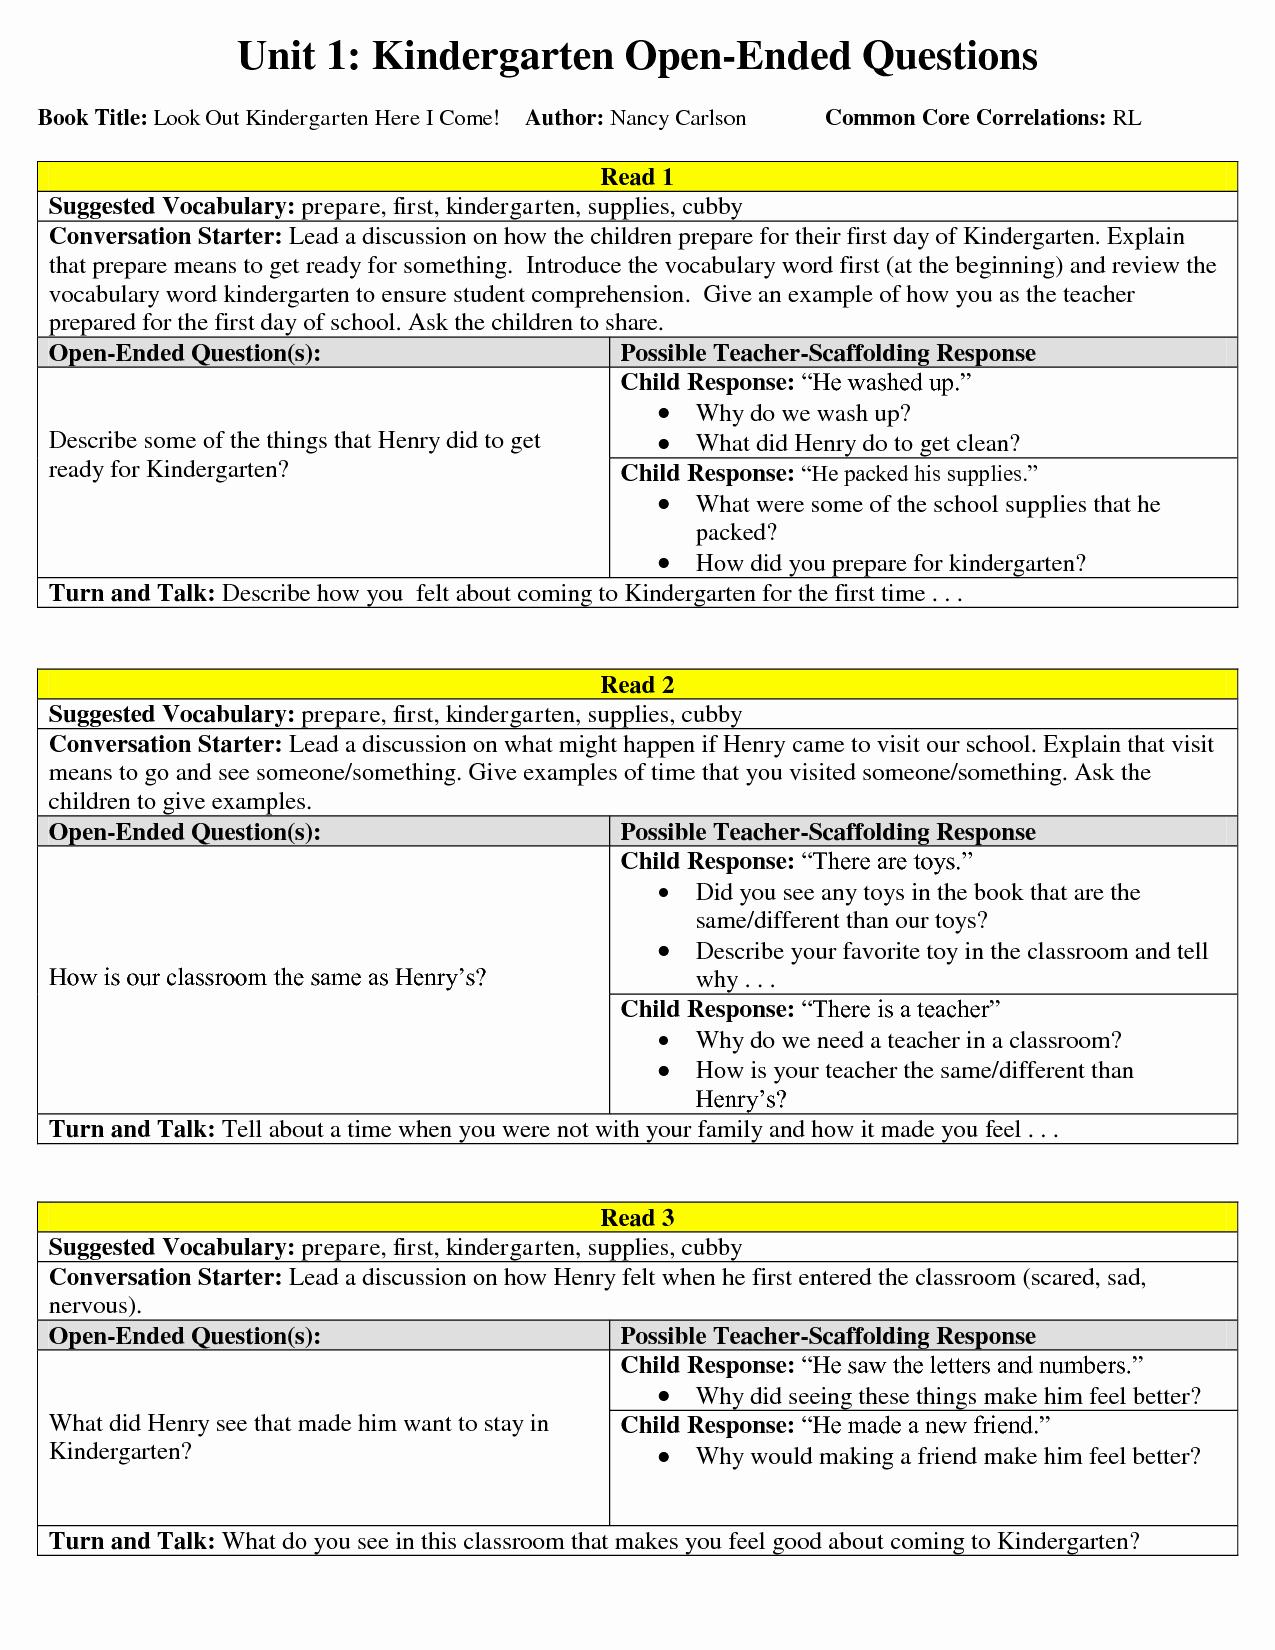 Common Core Lesson Plan Template Unique Mon Core Lessons for Kindergarten